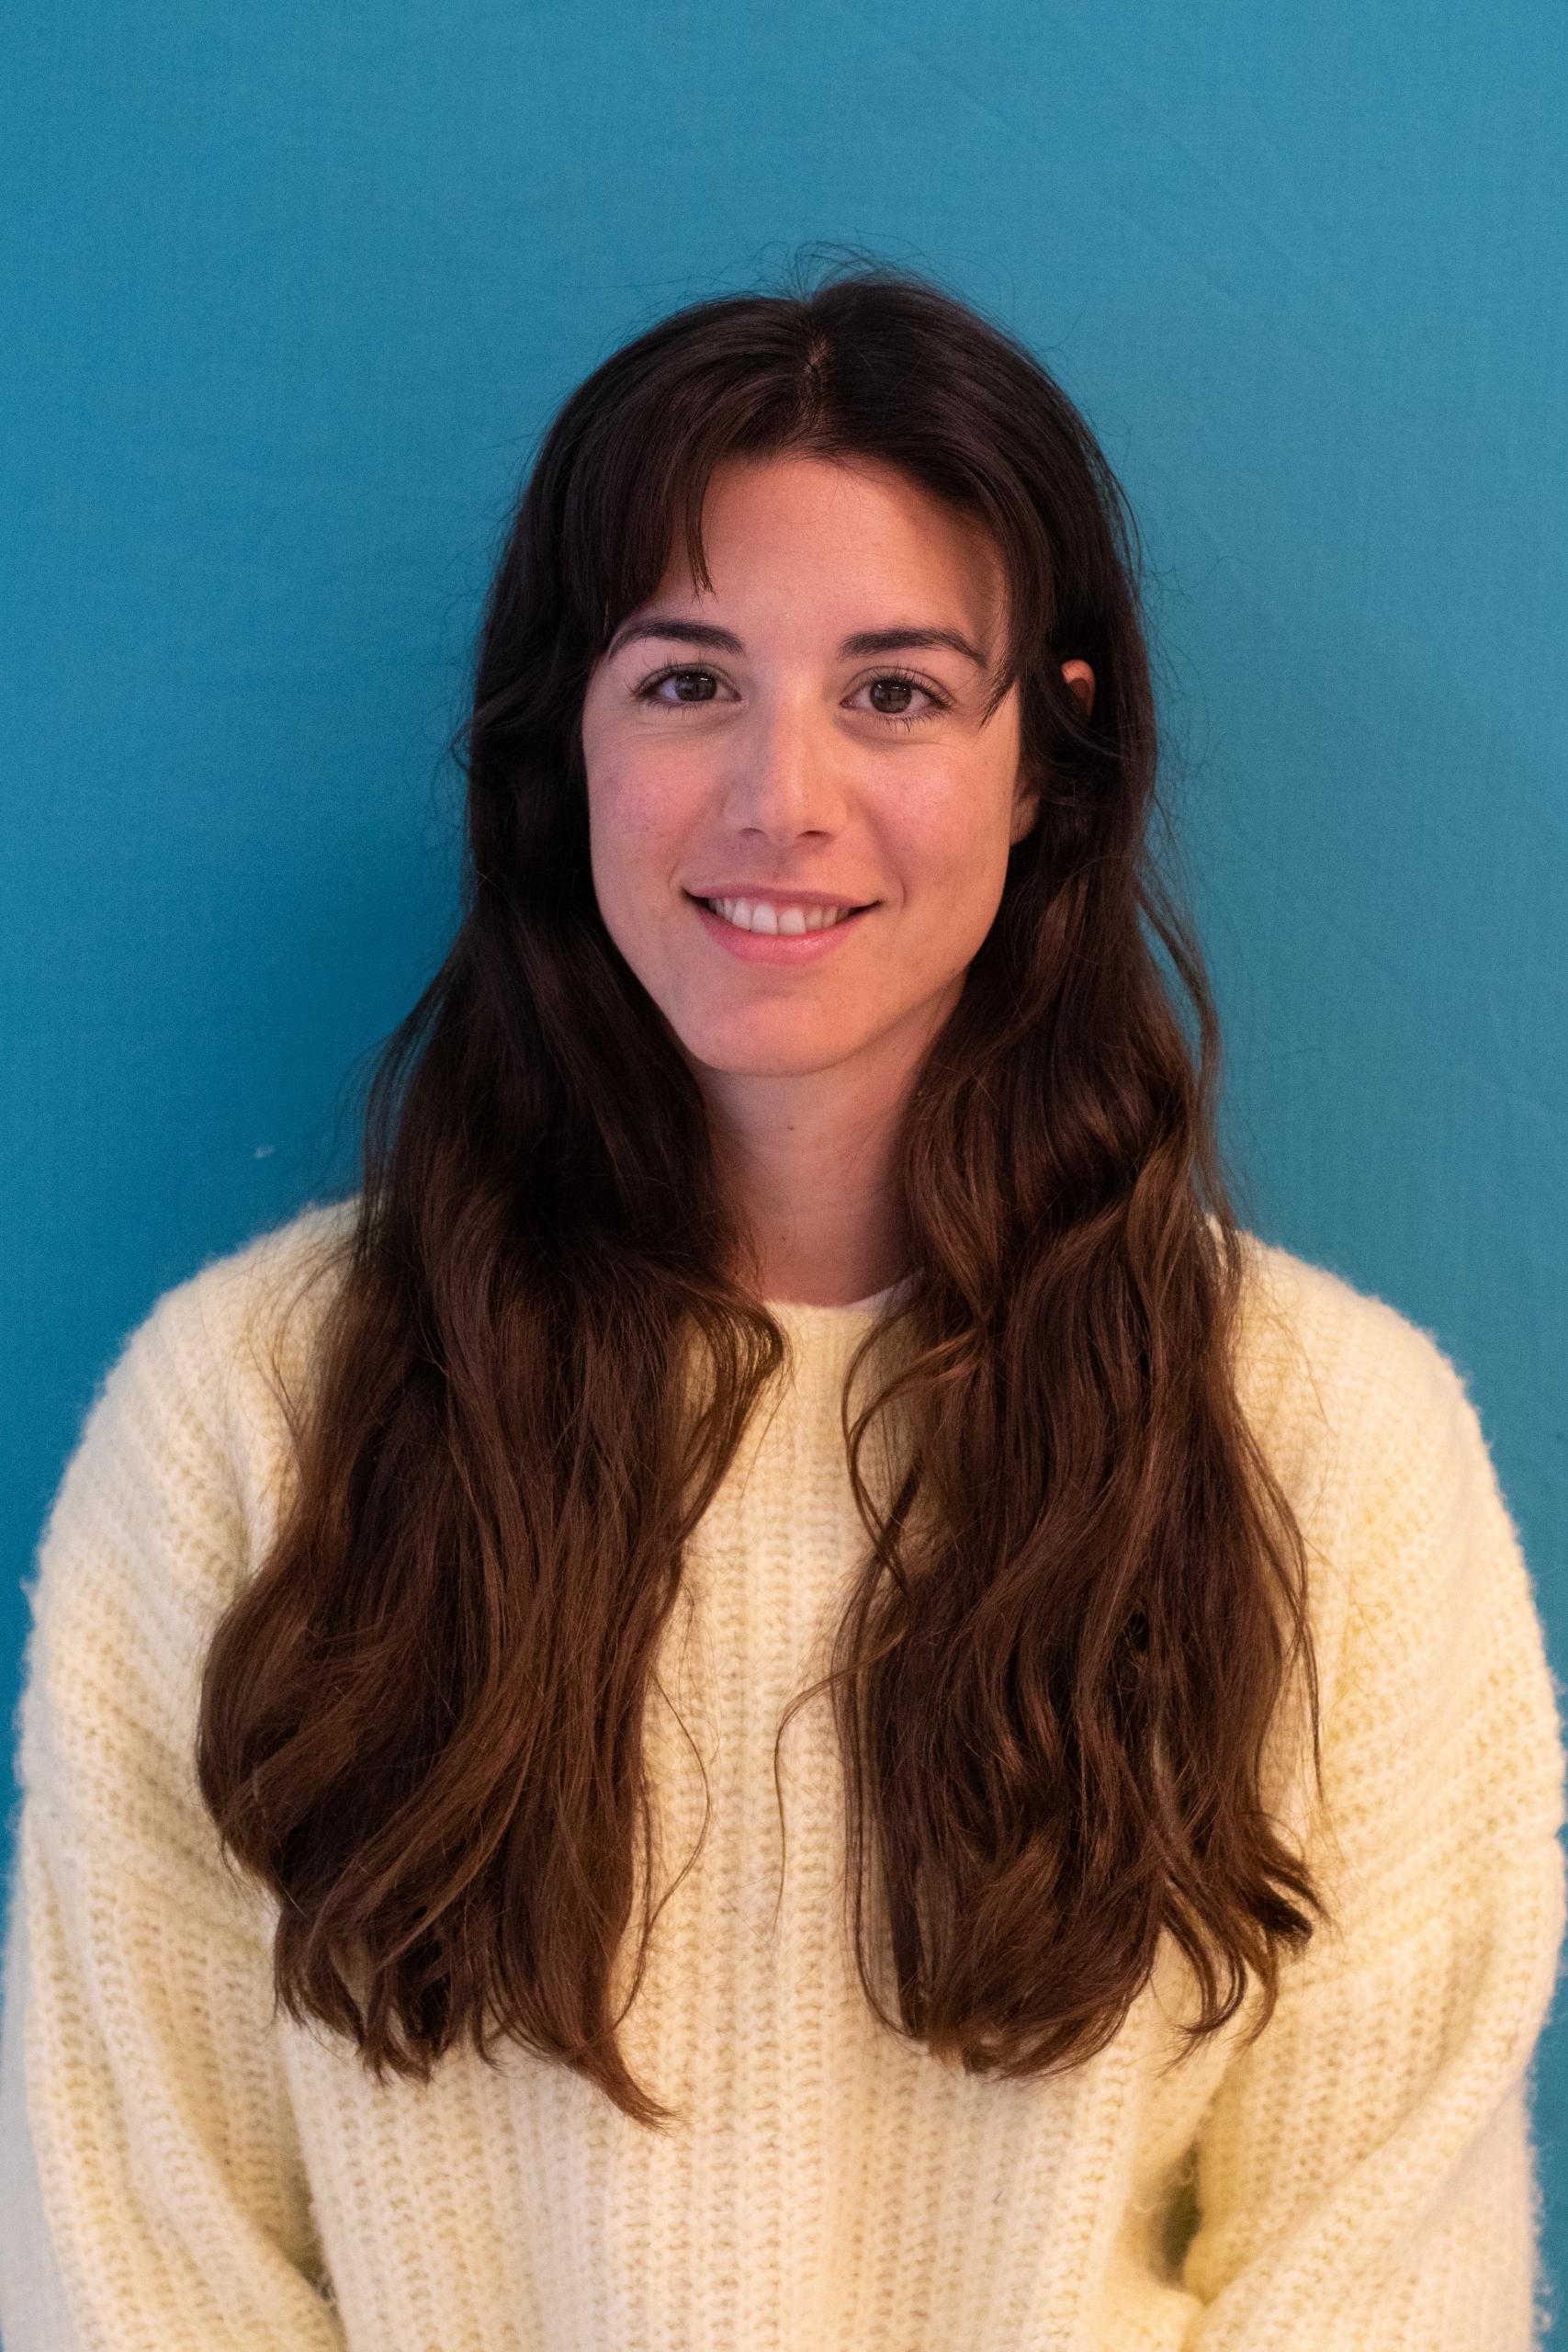 Ελένη Παπανδρέου - Προπονήτρια κολύμβησης